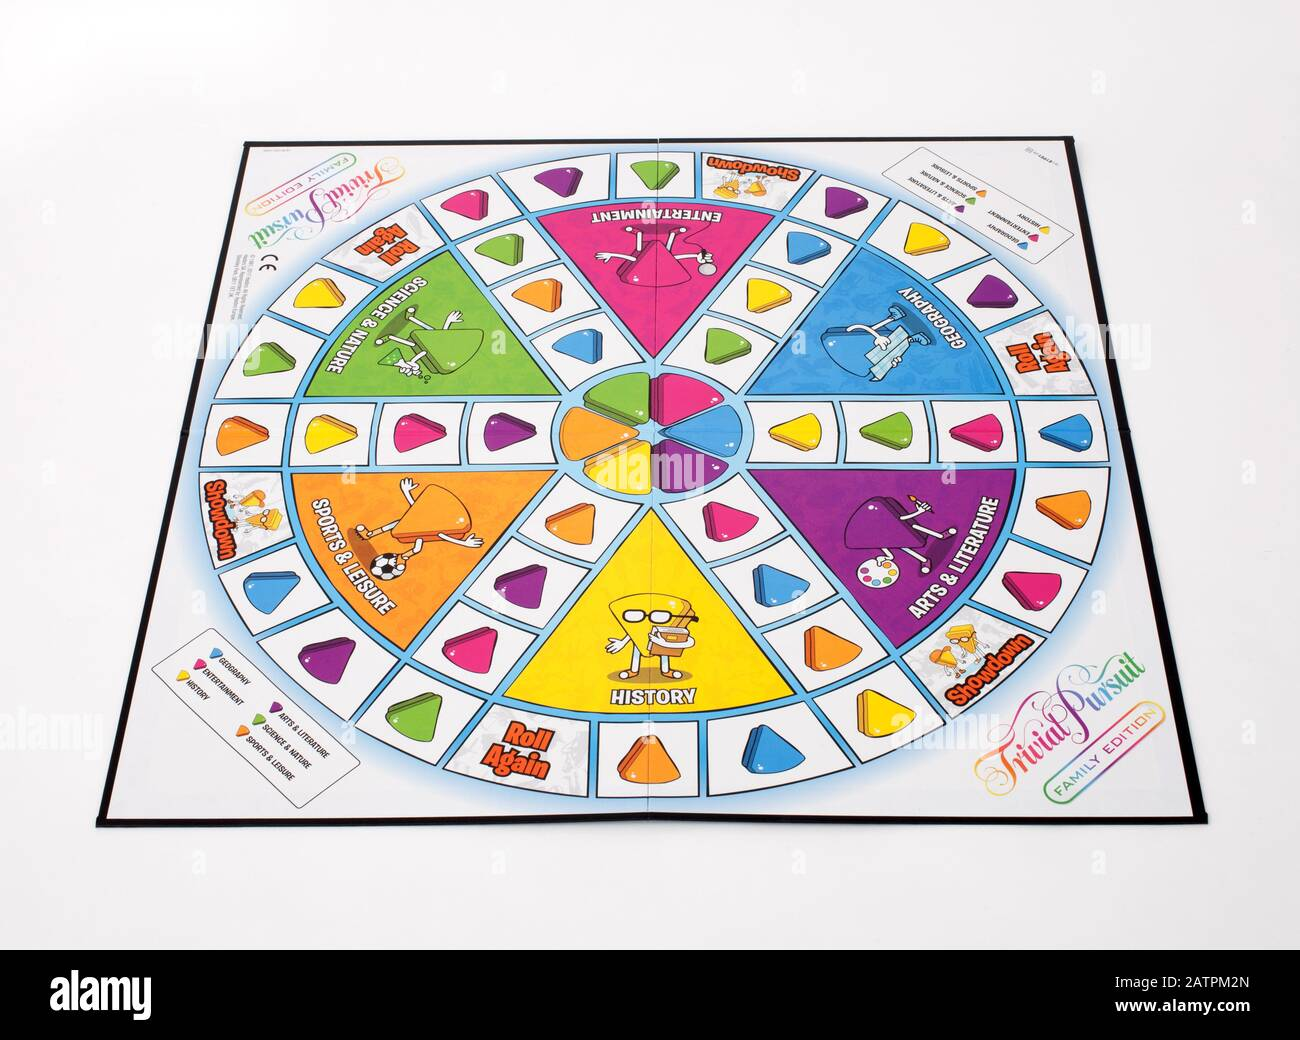 Le jeu de société Trivial Pursuit, édition familiale Banque D'Images